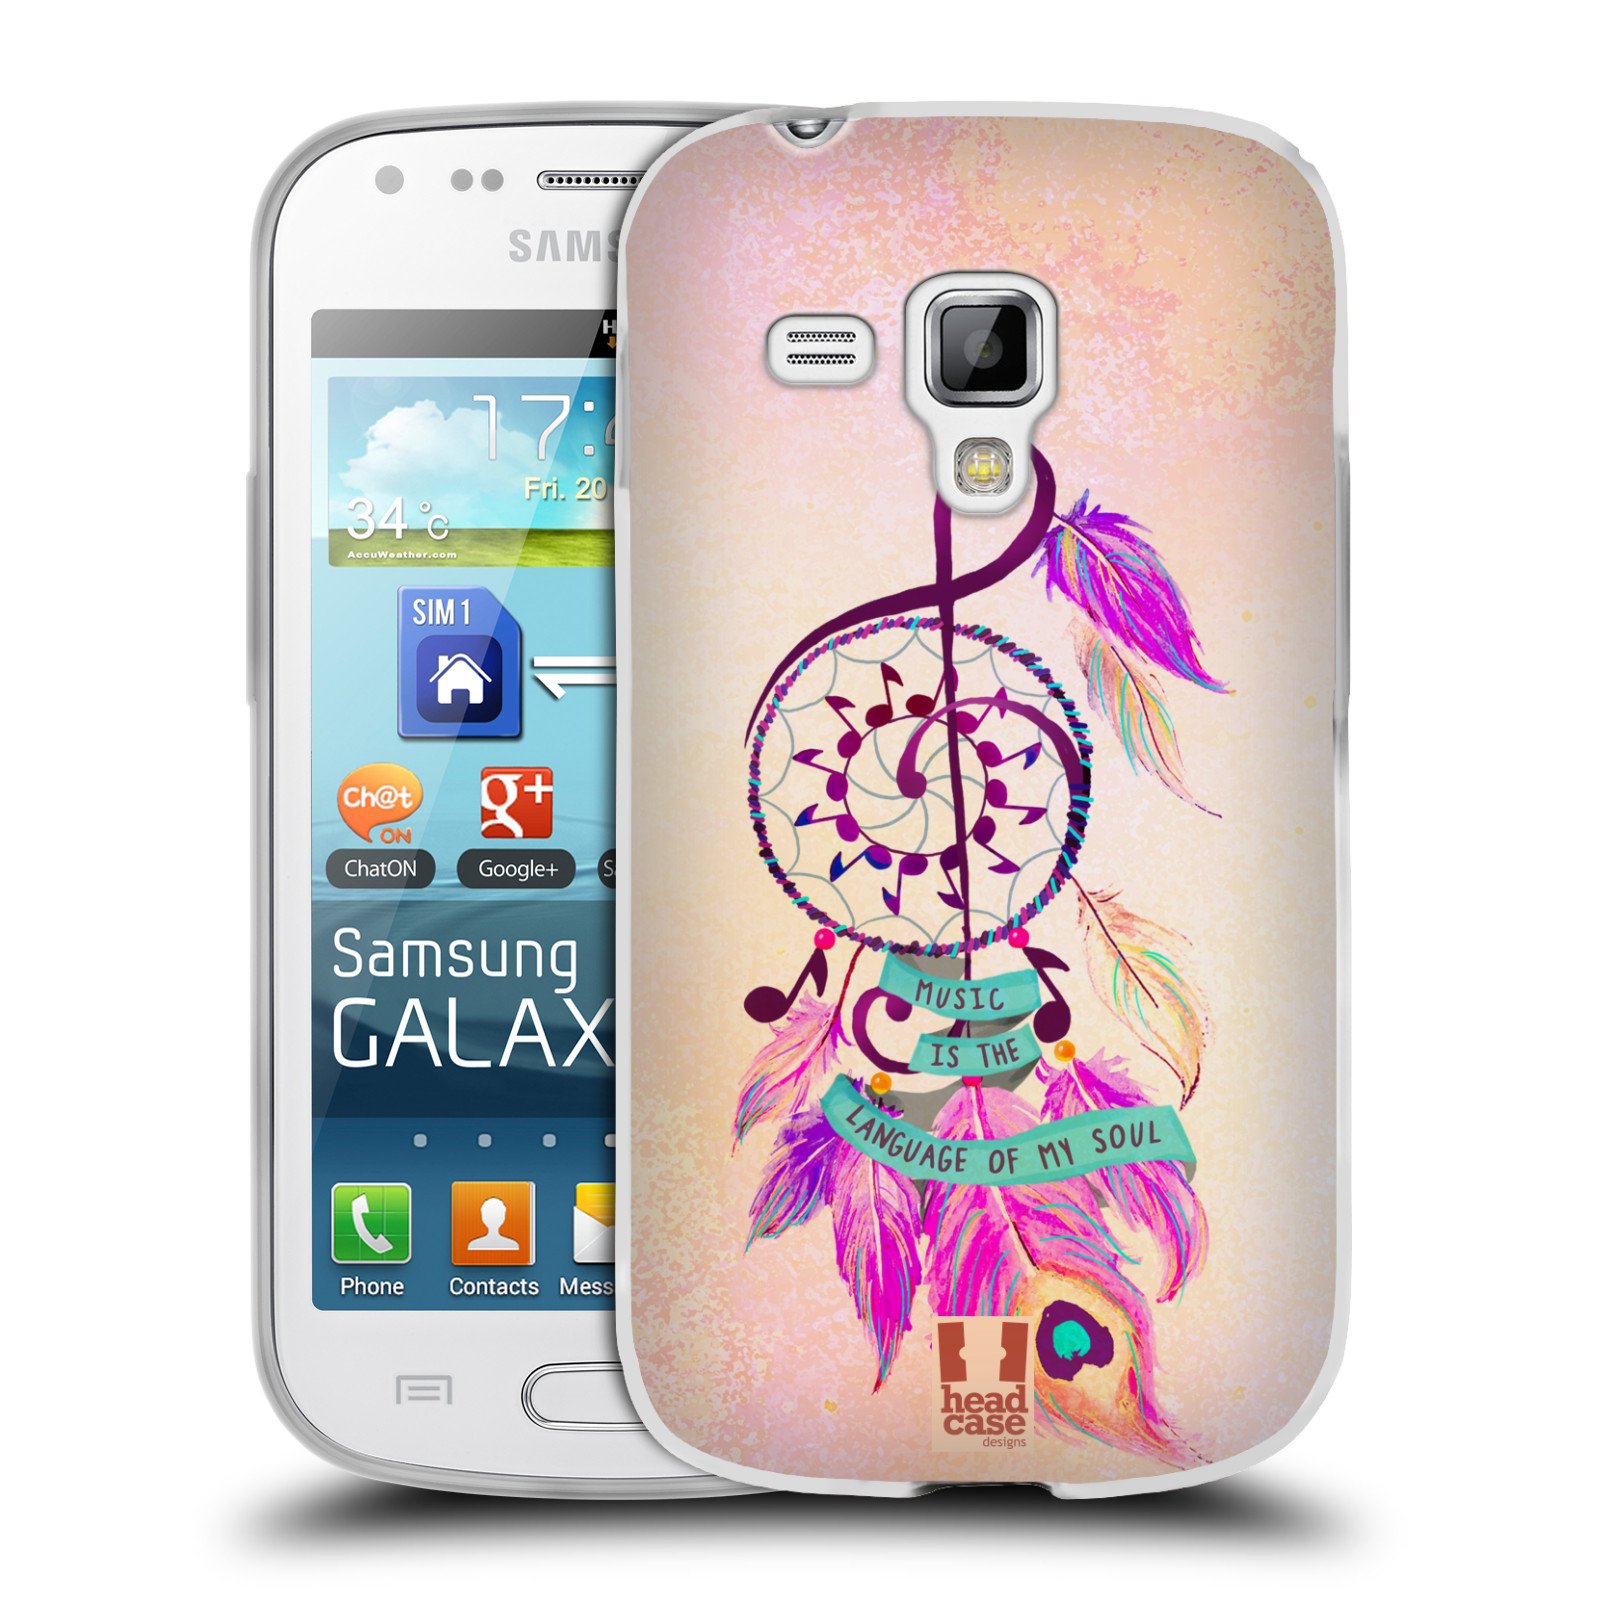 Silikonové pouzdro na mobil Samsung Galaxy Trend HEAD CASE Lapač Assorted Music (Silikonový kryt či obal na mobilní telefon Samsung Galaxy Trend GT-S7560)